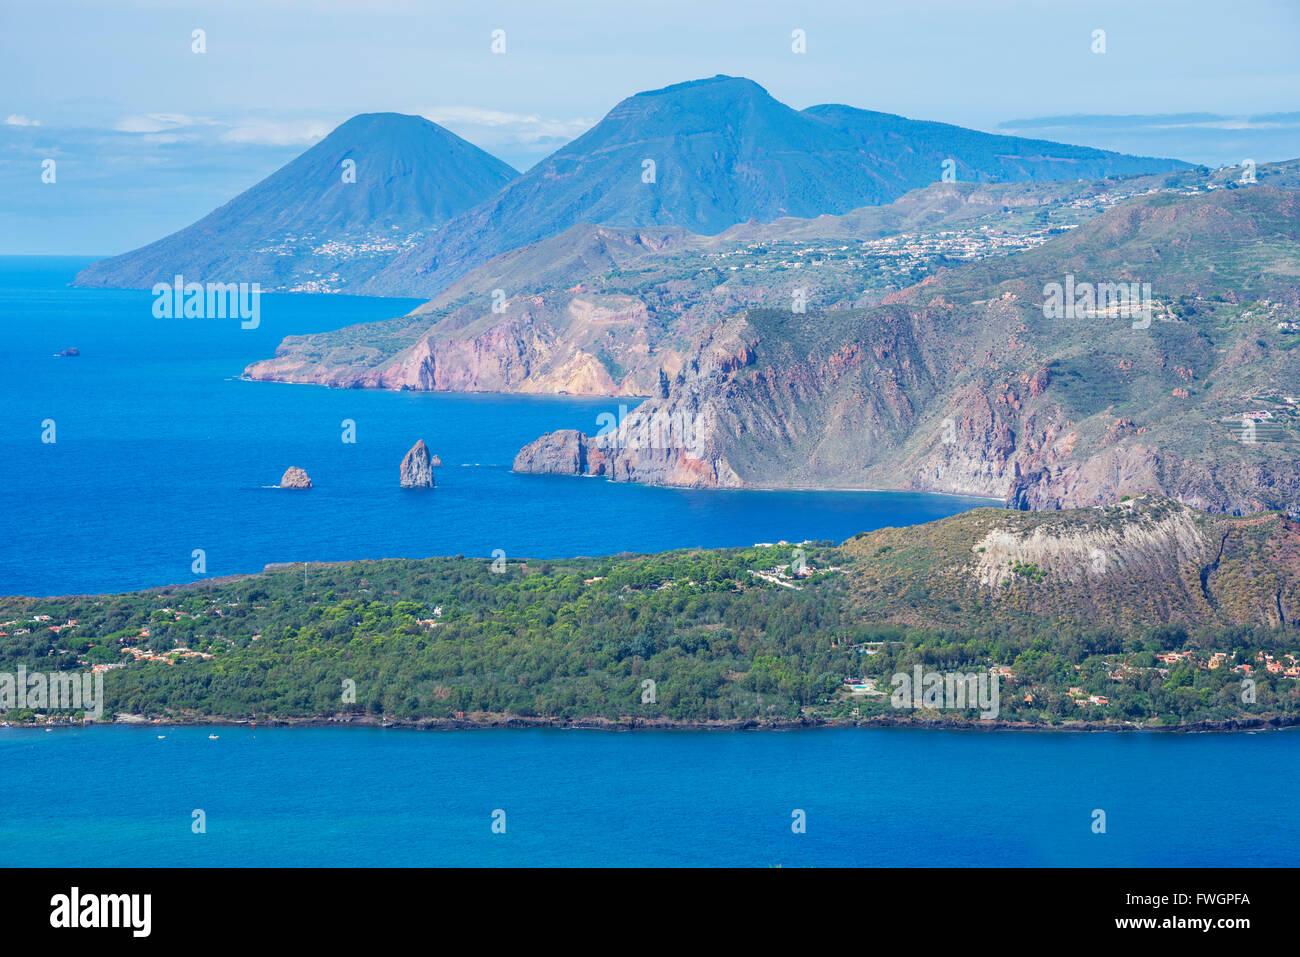 Vista di Lipari e Salina isola, isola di Vulcano, Isole Eolie, UNESCO, a nord della Sicilia, l'Italia, Mediterranea Immagini Stock